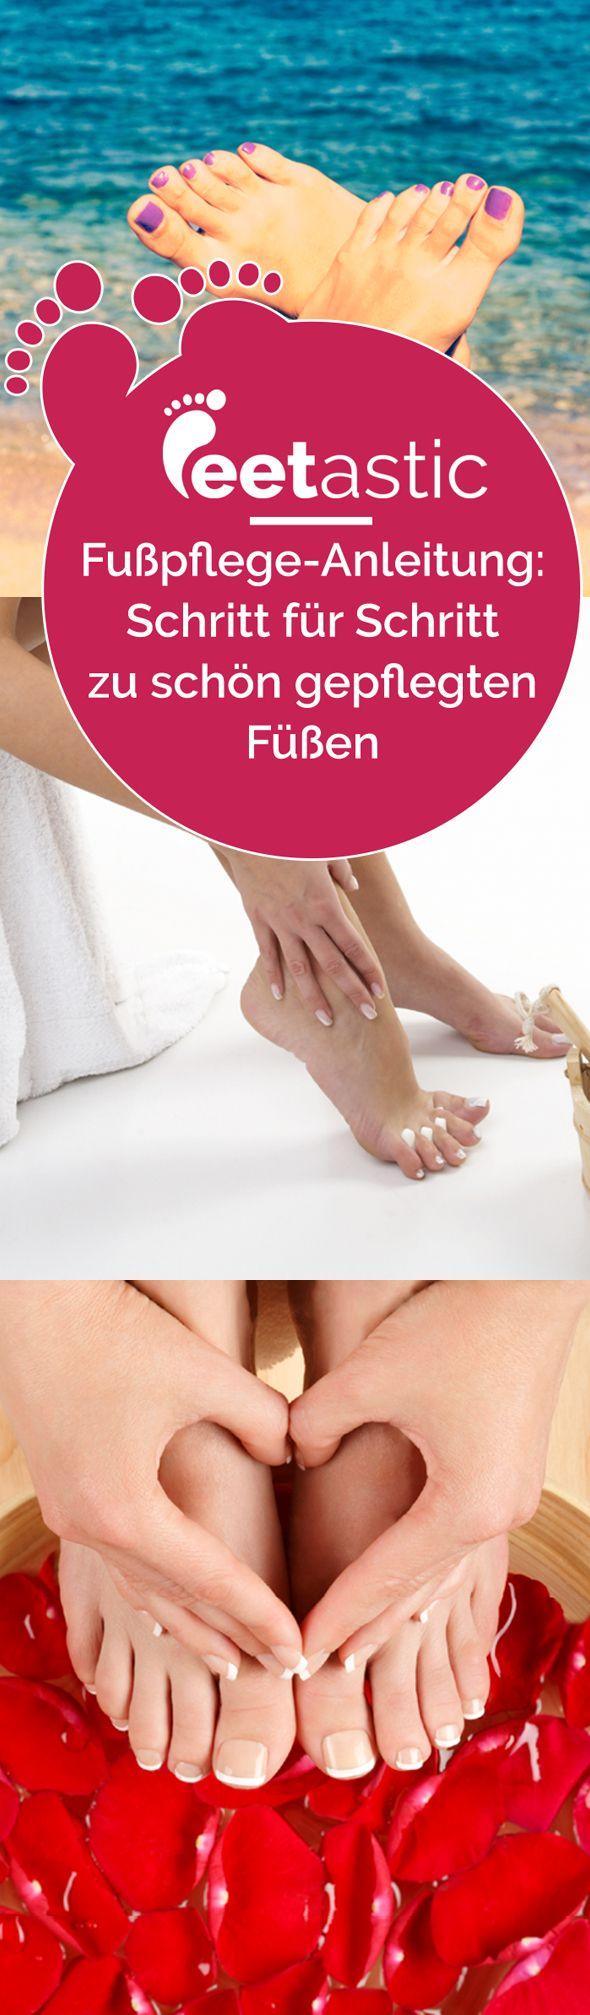 Eine Pediküre selber machen, wie vom Profi? Durchaus möglich. Mit dieser Fußpflege Anleitung gelingt es auch im heimischen Badezimmer. An die Füße, fertig, los: Schritt für Schritt führen wir Sie mit gezielten Fußpflege-Tipps zum perfekten Ergebnis.